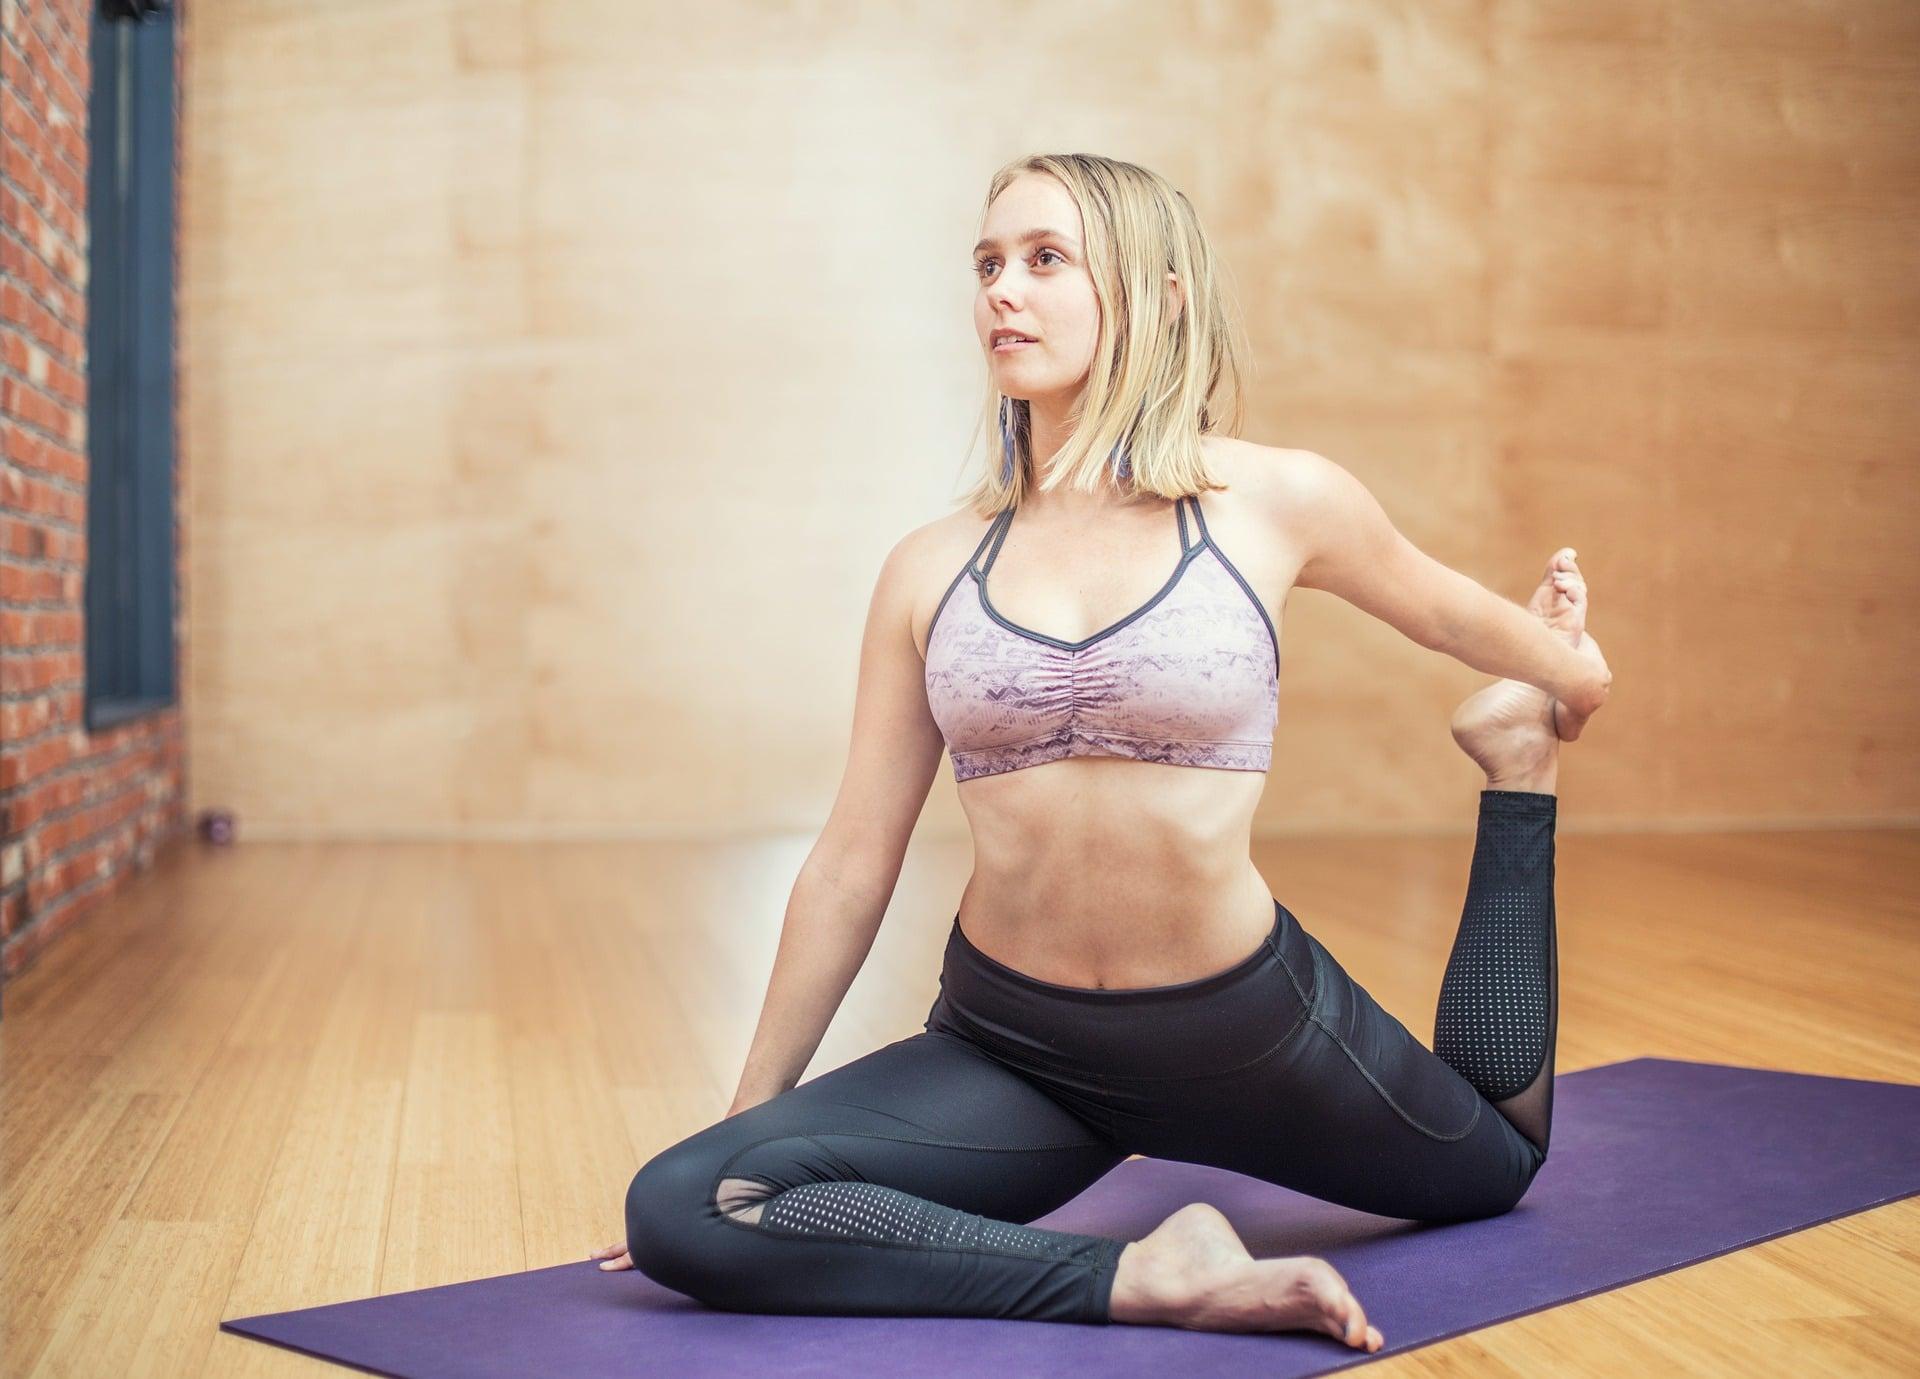 U většiny žen tělo začíná splaovat tuky z horní poloviny těla / foto: pixabay.com